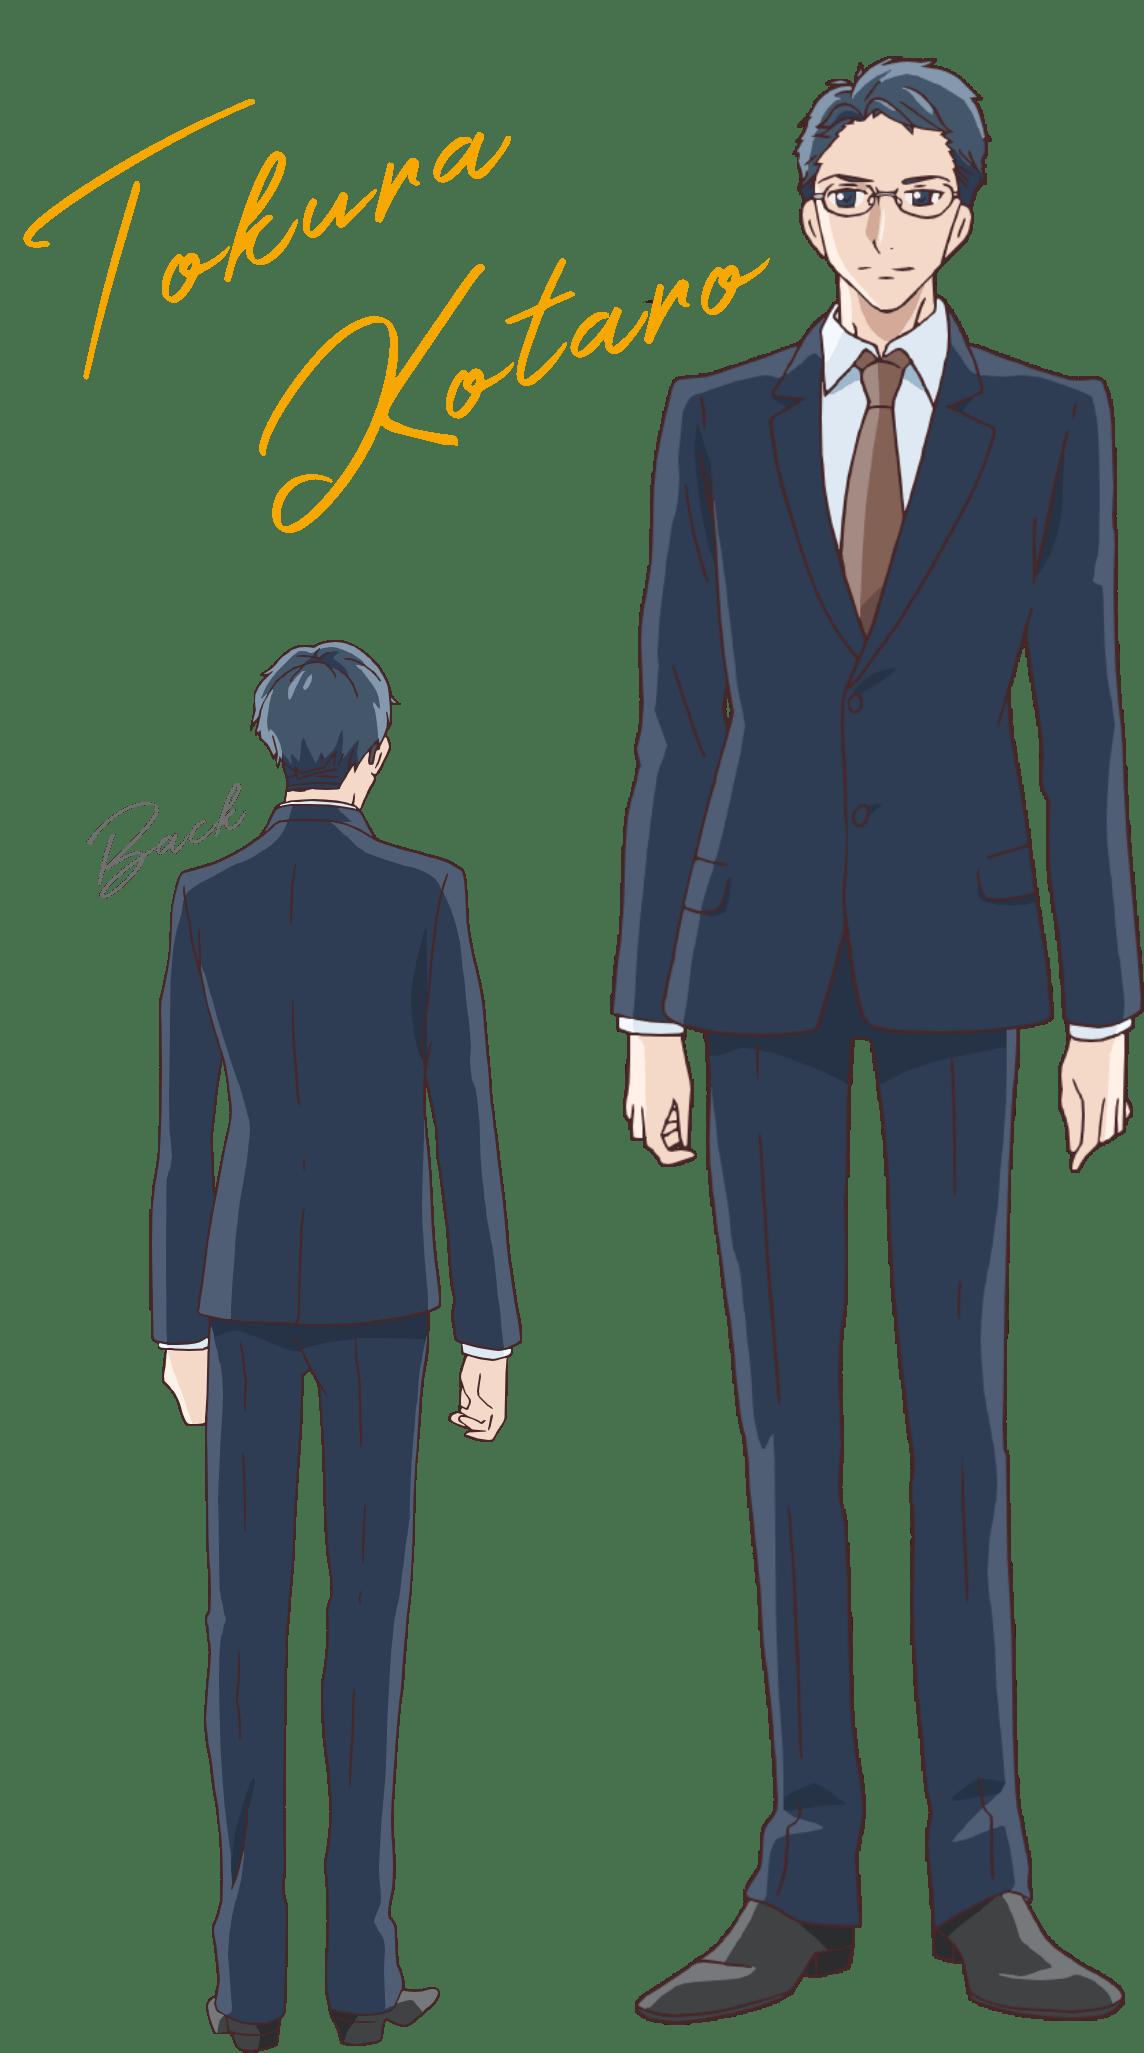 户仓孝太郎